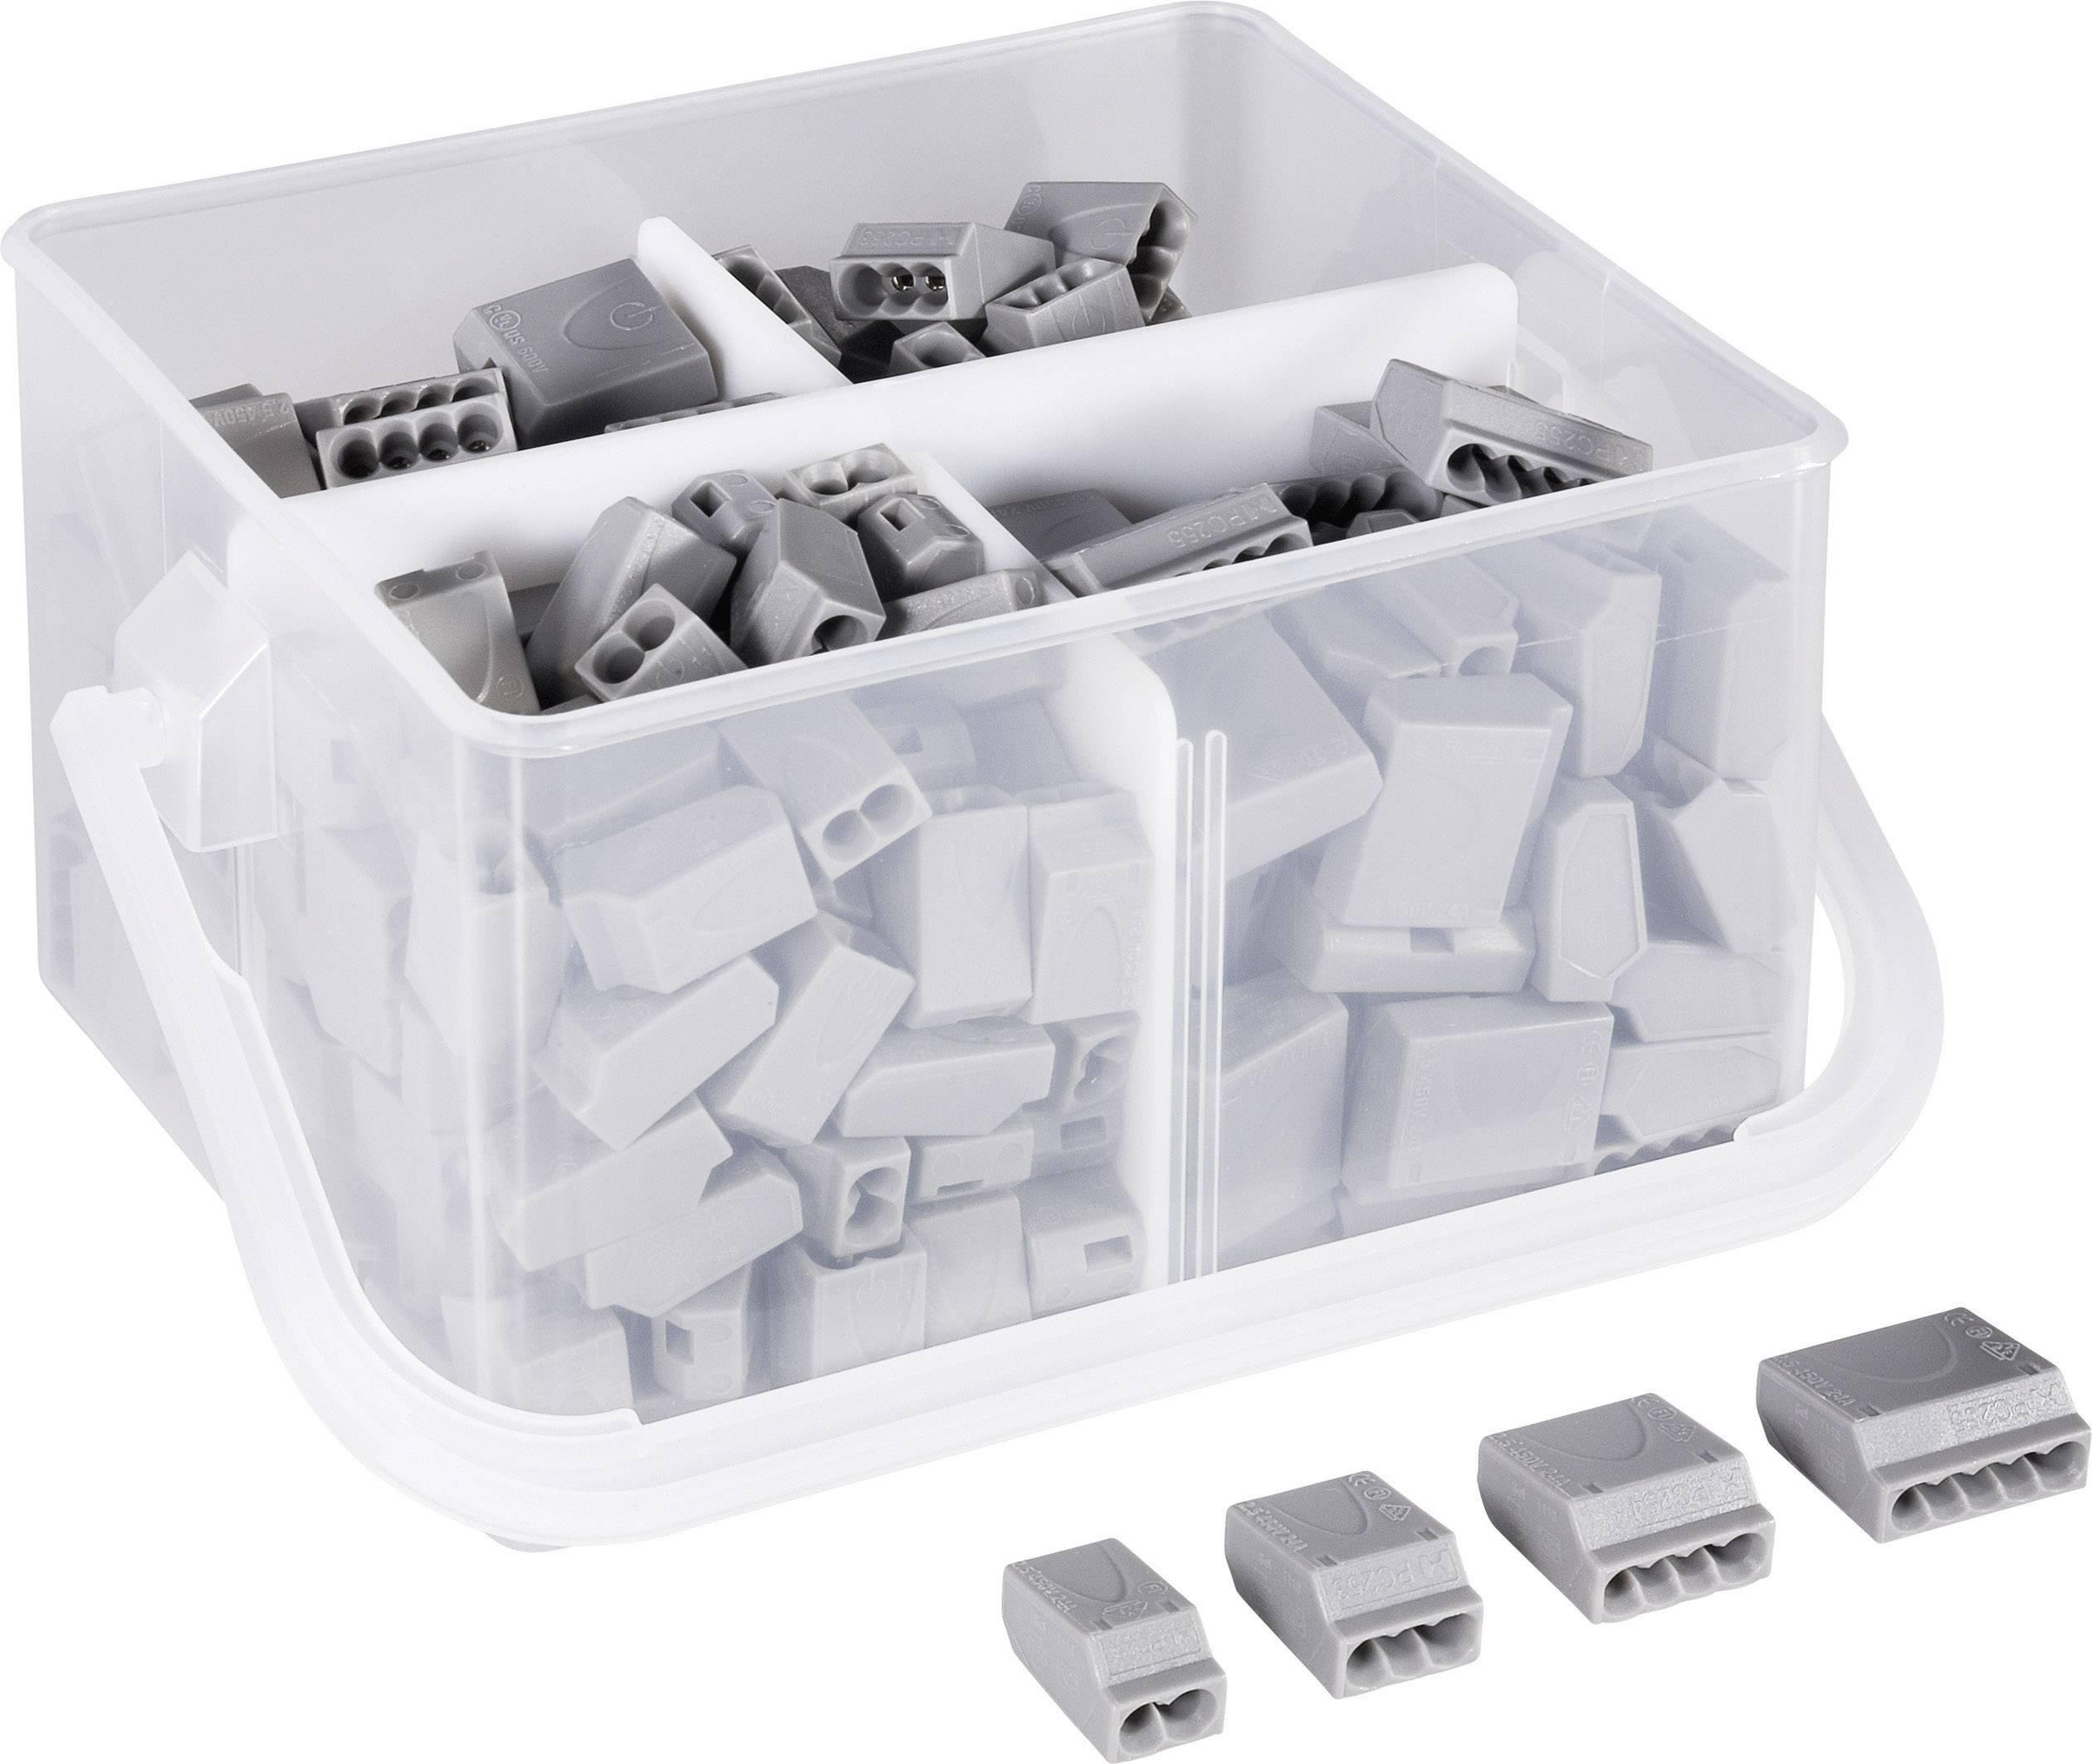 Krabicové svorky 523563 na kábel s rozmerom 0.25-2.5 mm², tuhosť 0.25-2.5 mm², 245 ks, sivá